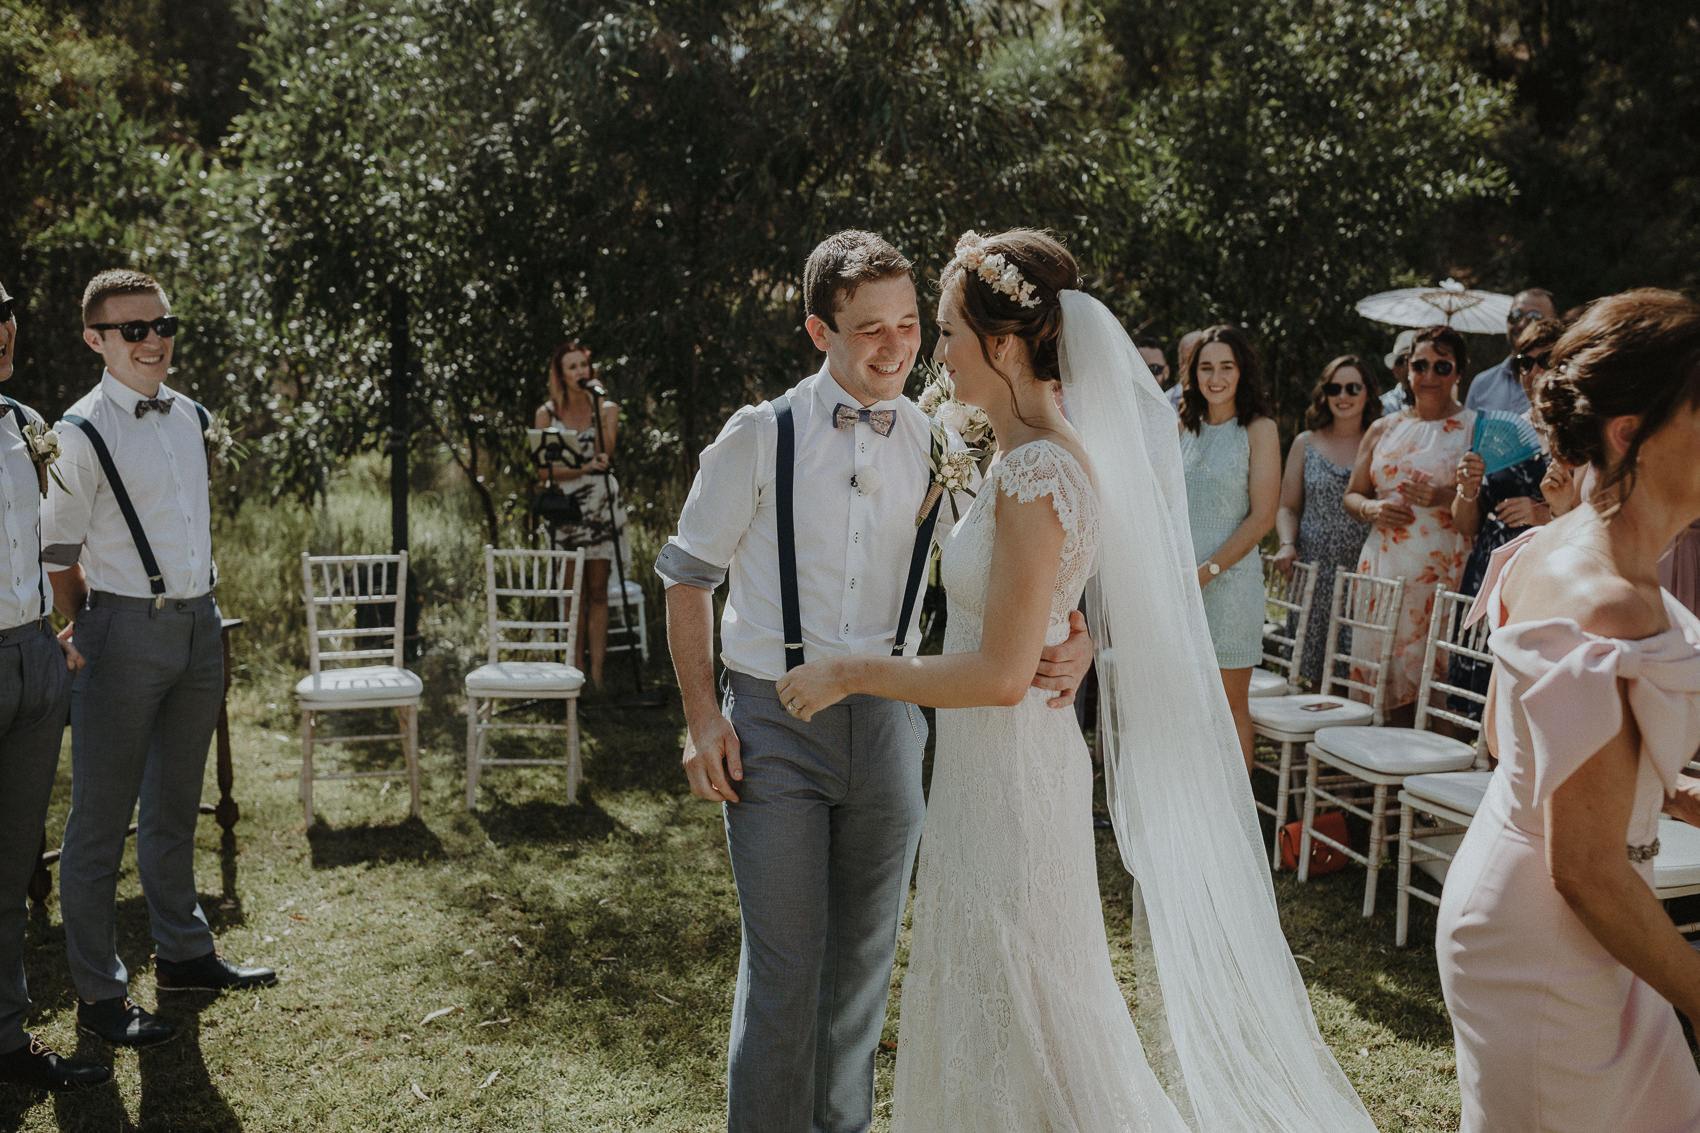 Sarah & Bill | Summer wedding at Cortijo Rosa Blanca | Marbella - Spain 71